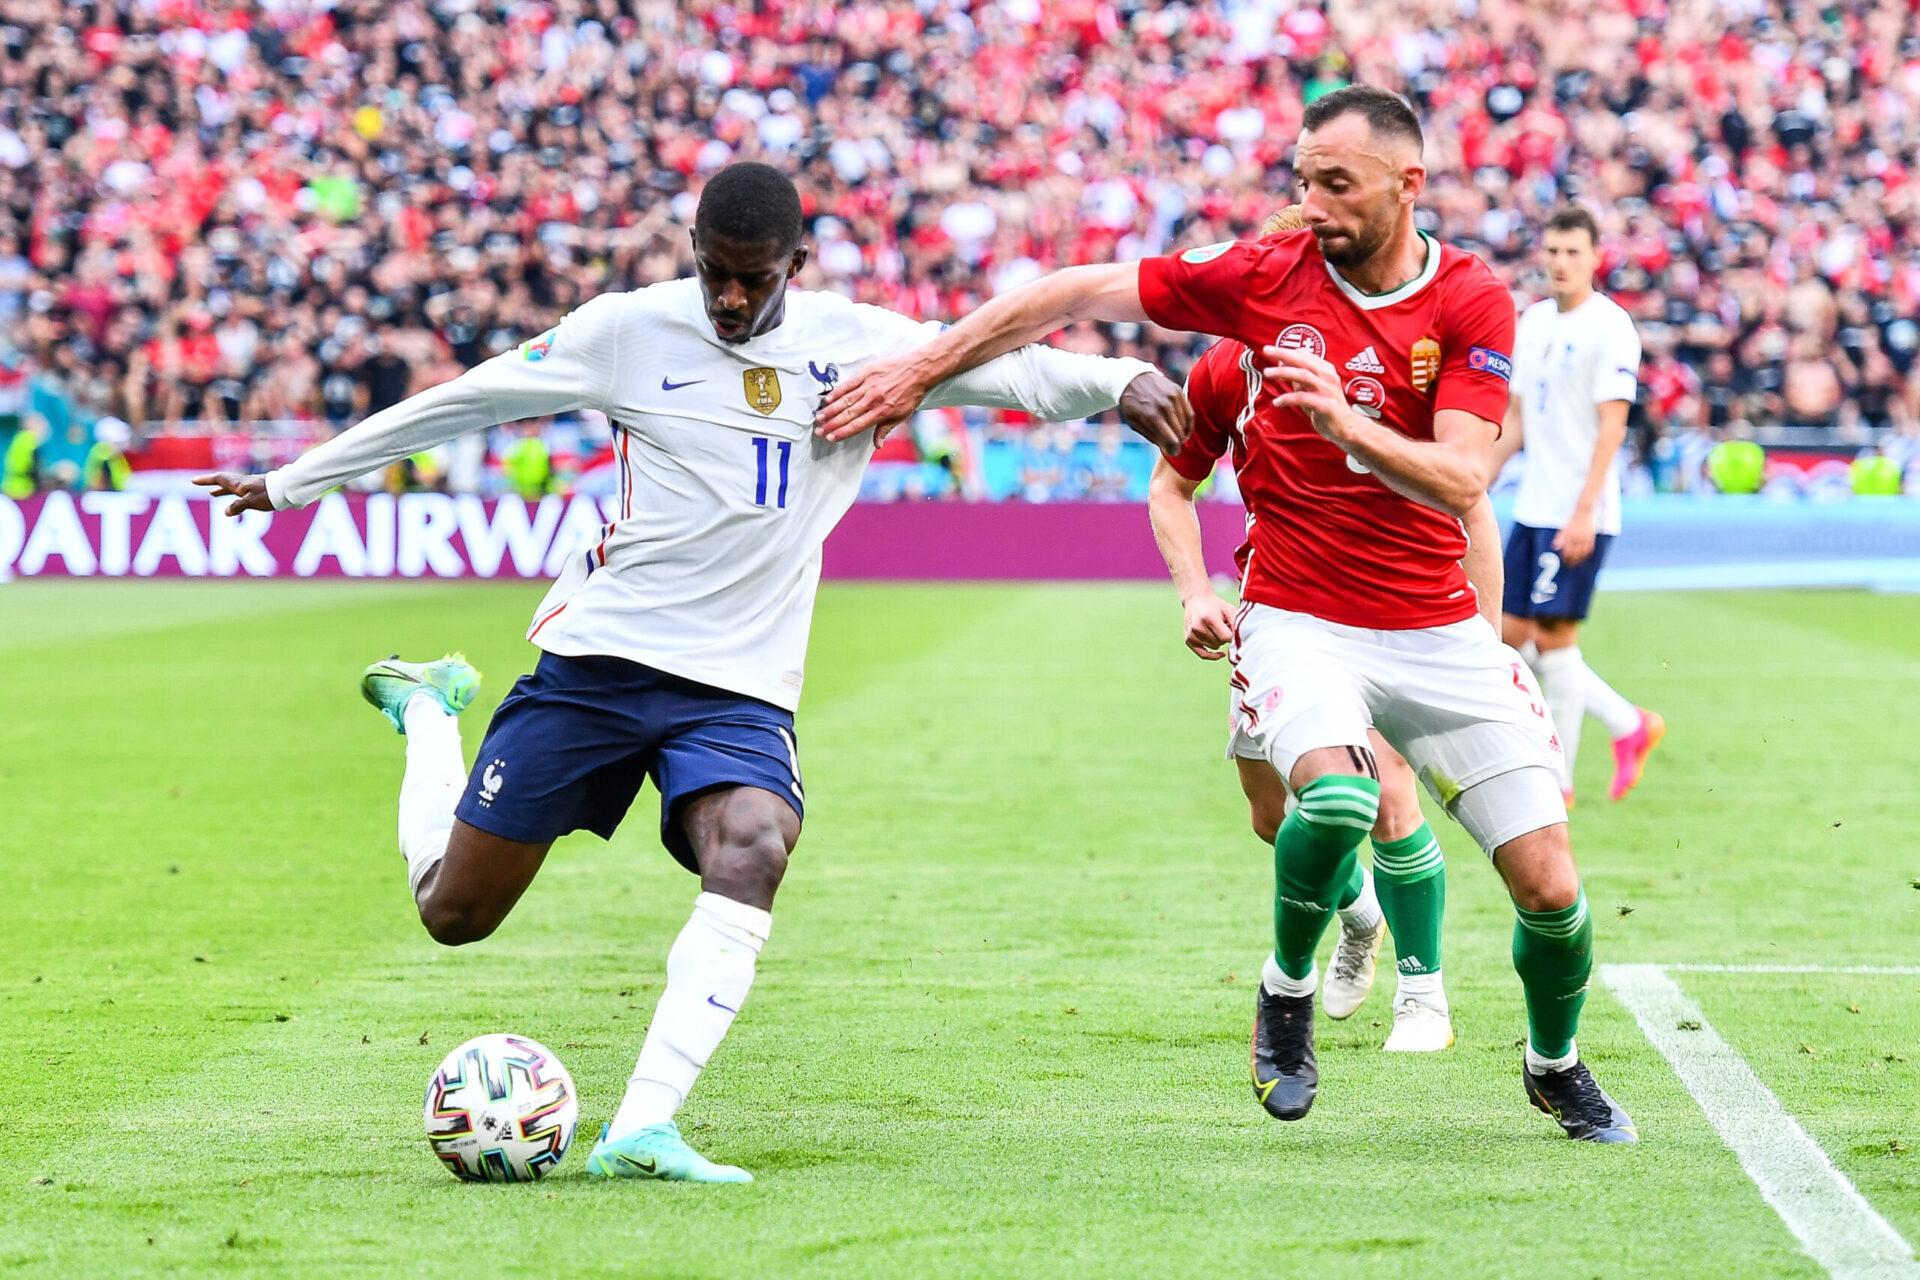 Blessé à l'Euro avec les Bleus, Ousmane Dembélé n'est pas encore apparu avec le Barça en 2021-2022 (iconsport)